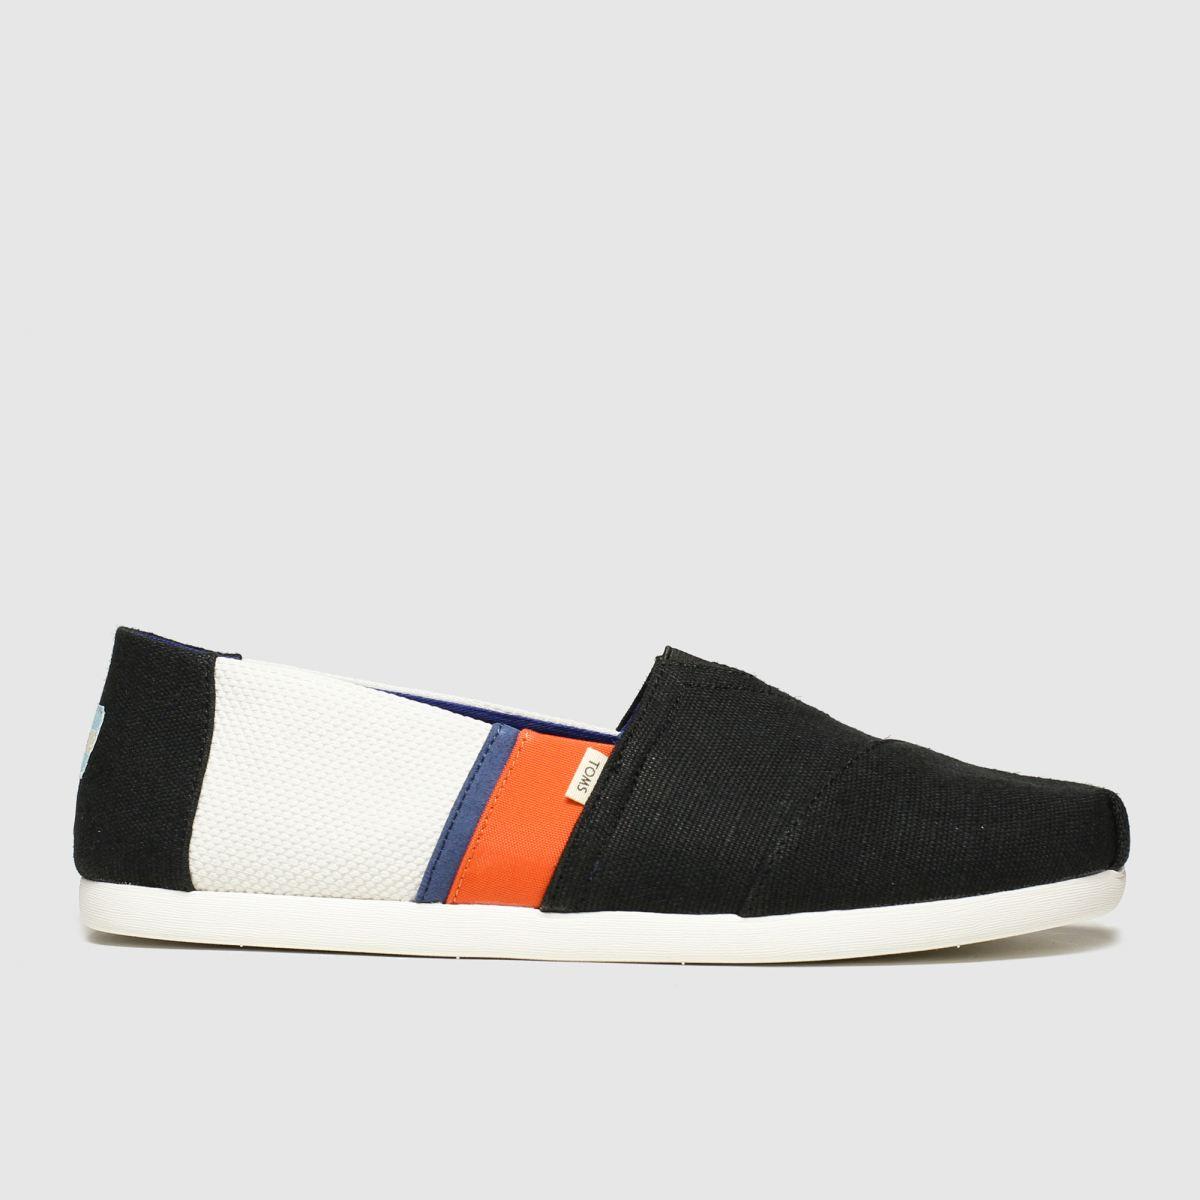 Toms Black & Orange Alpargata 3.0 Shoes